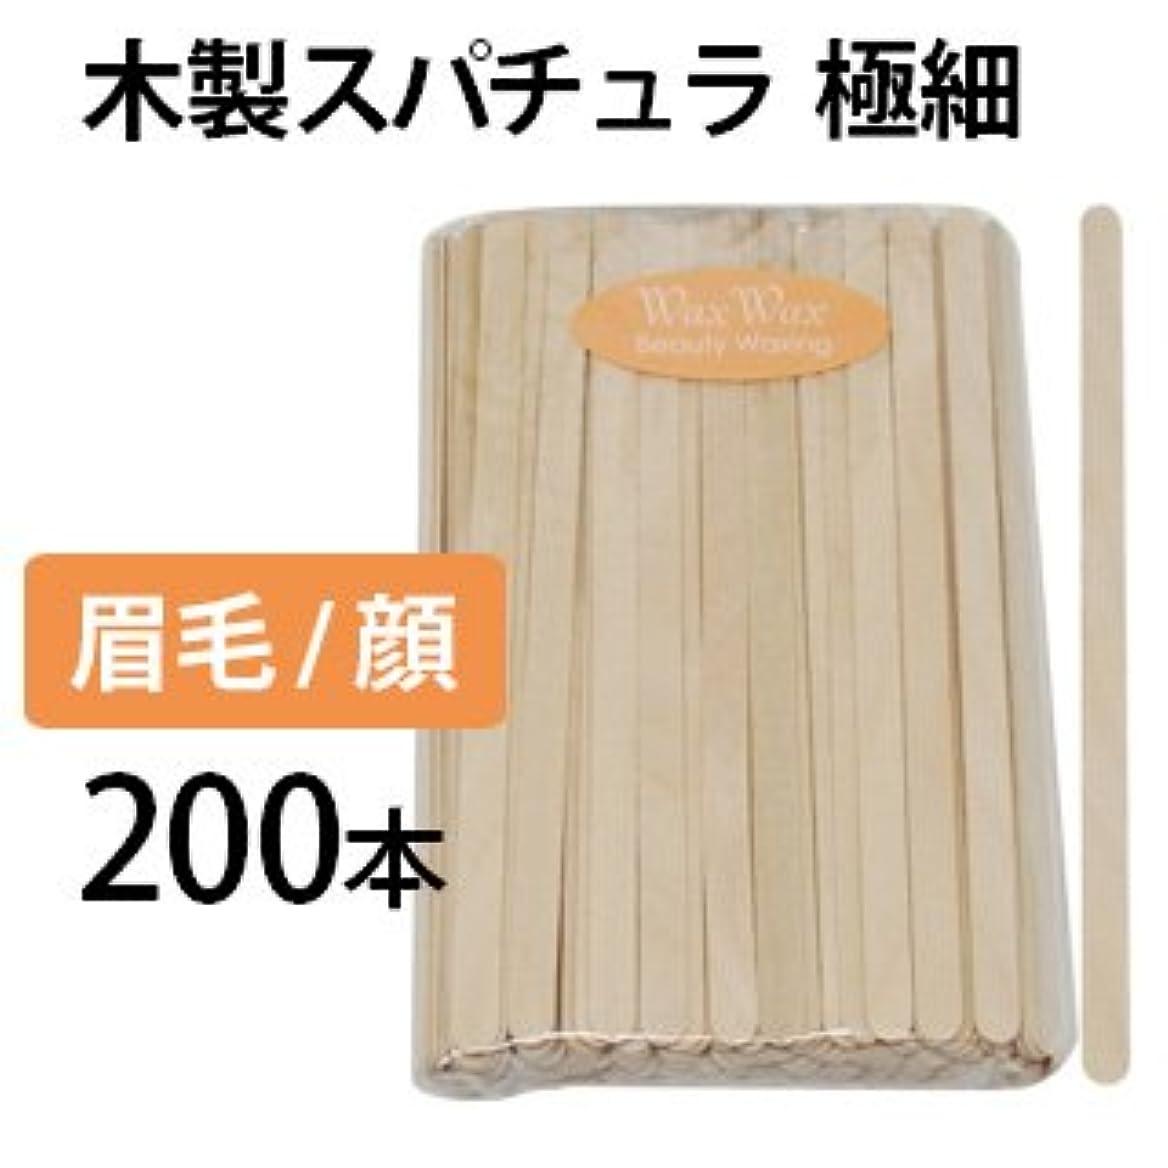 救援ホステルテンション眉毛 アイブロウ用スパチュラ 200本セット 極細 木製スパチュラ 使い捨て